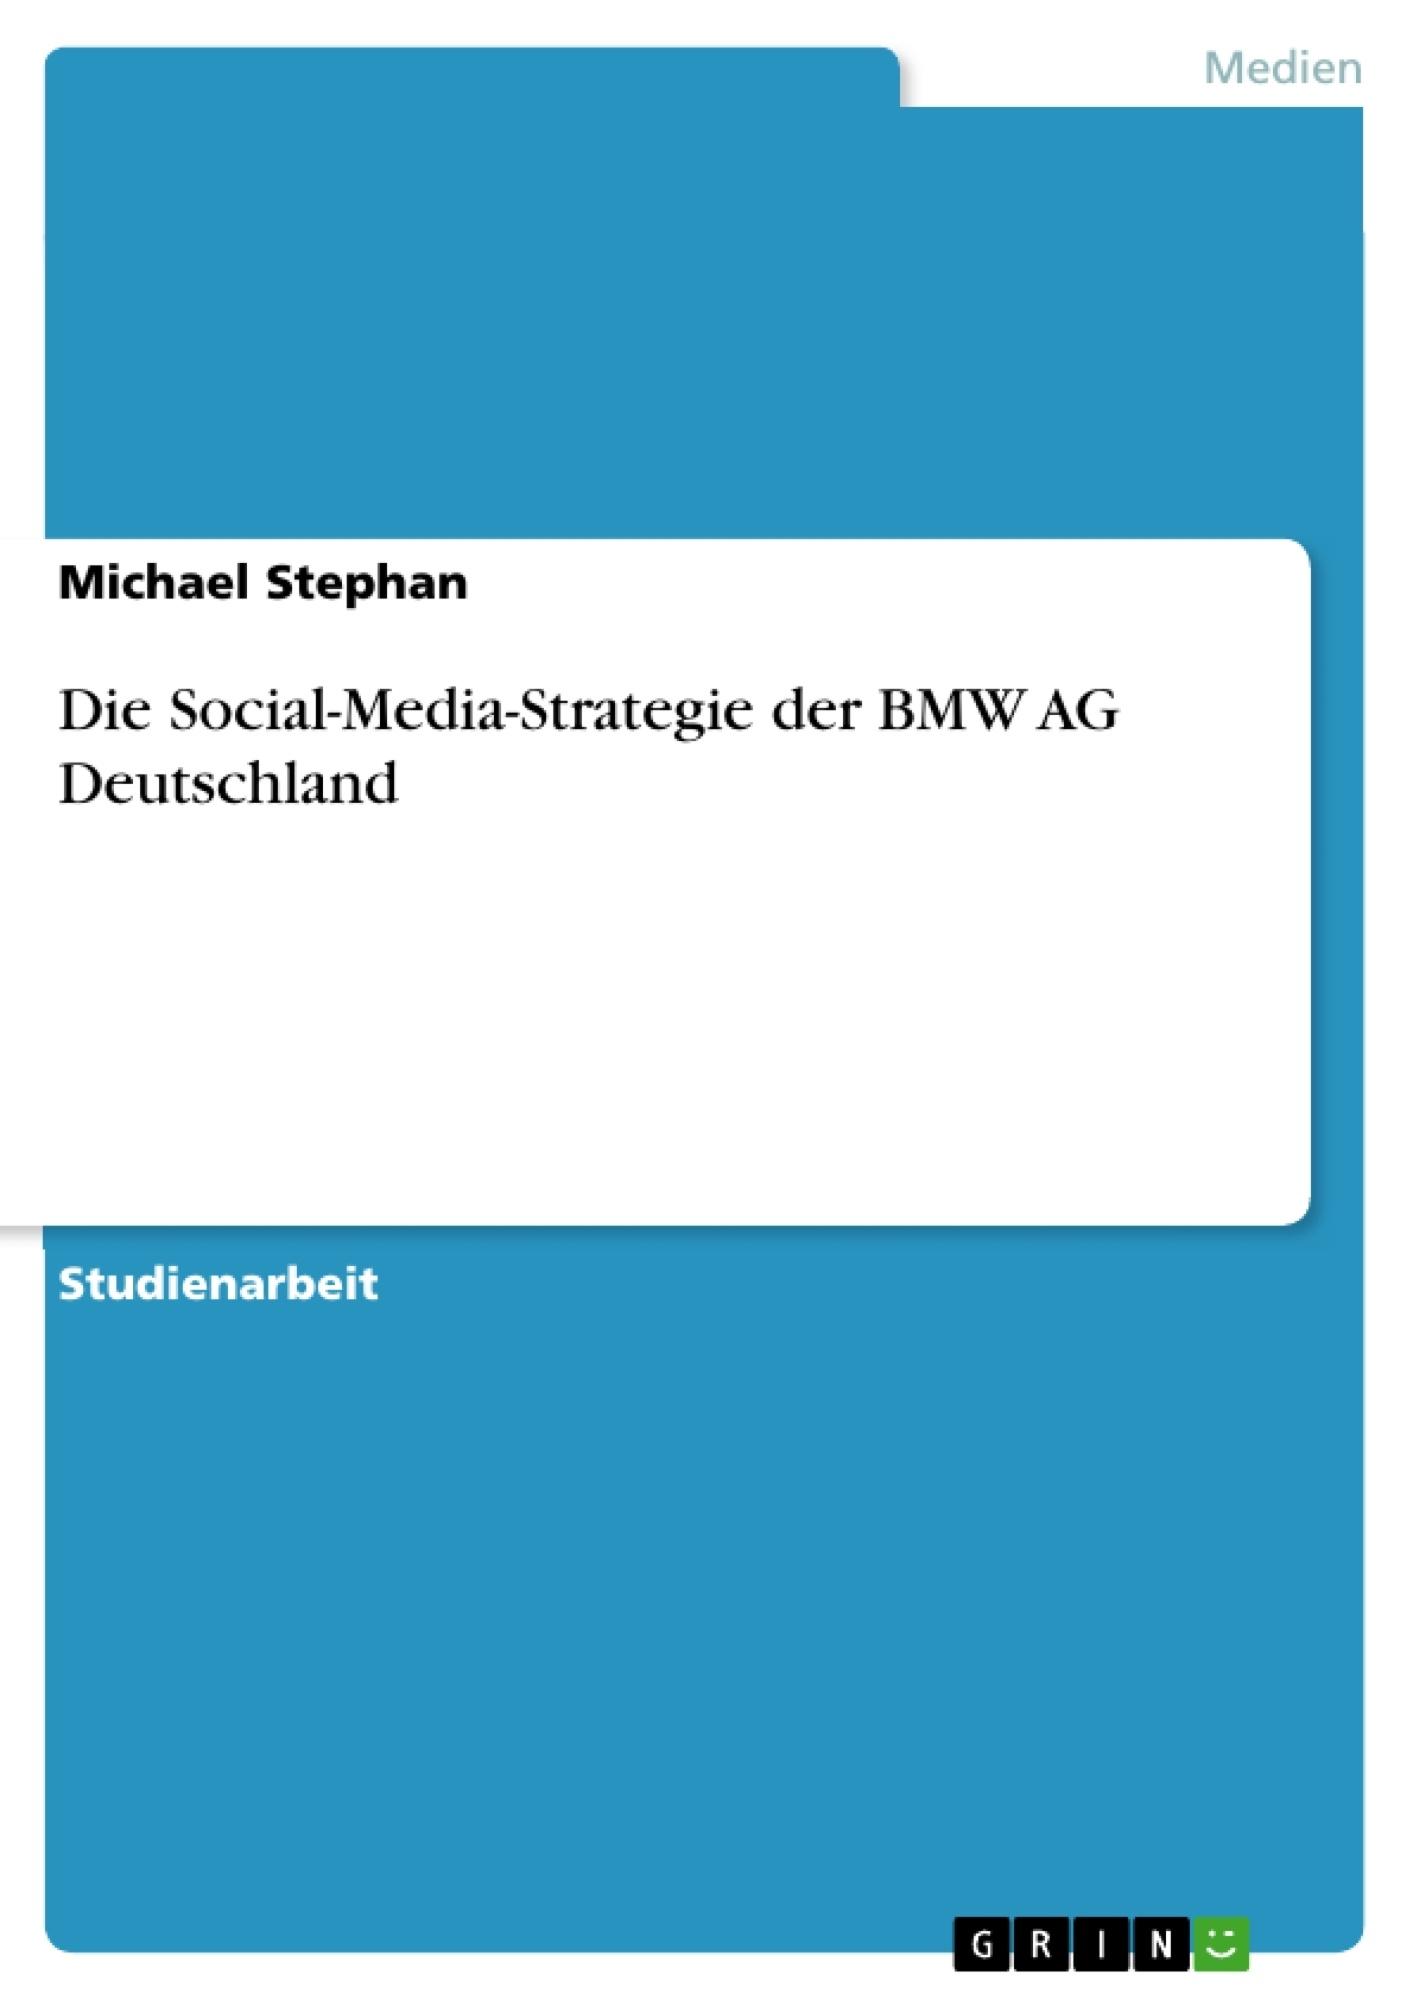 Titel: Die Social-Media-Strategie der BMW AG Deutschland